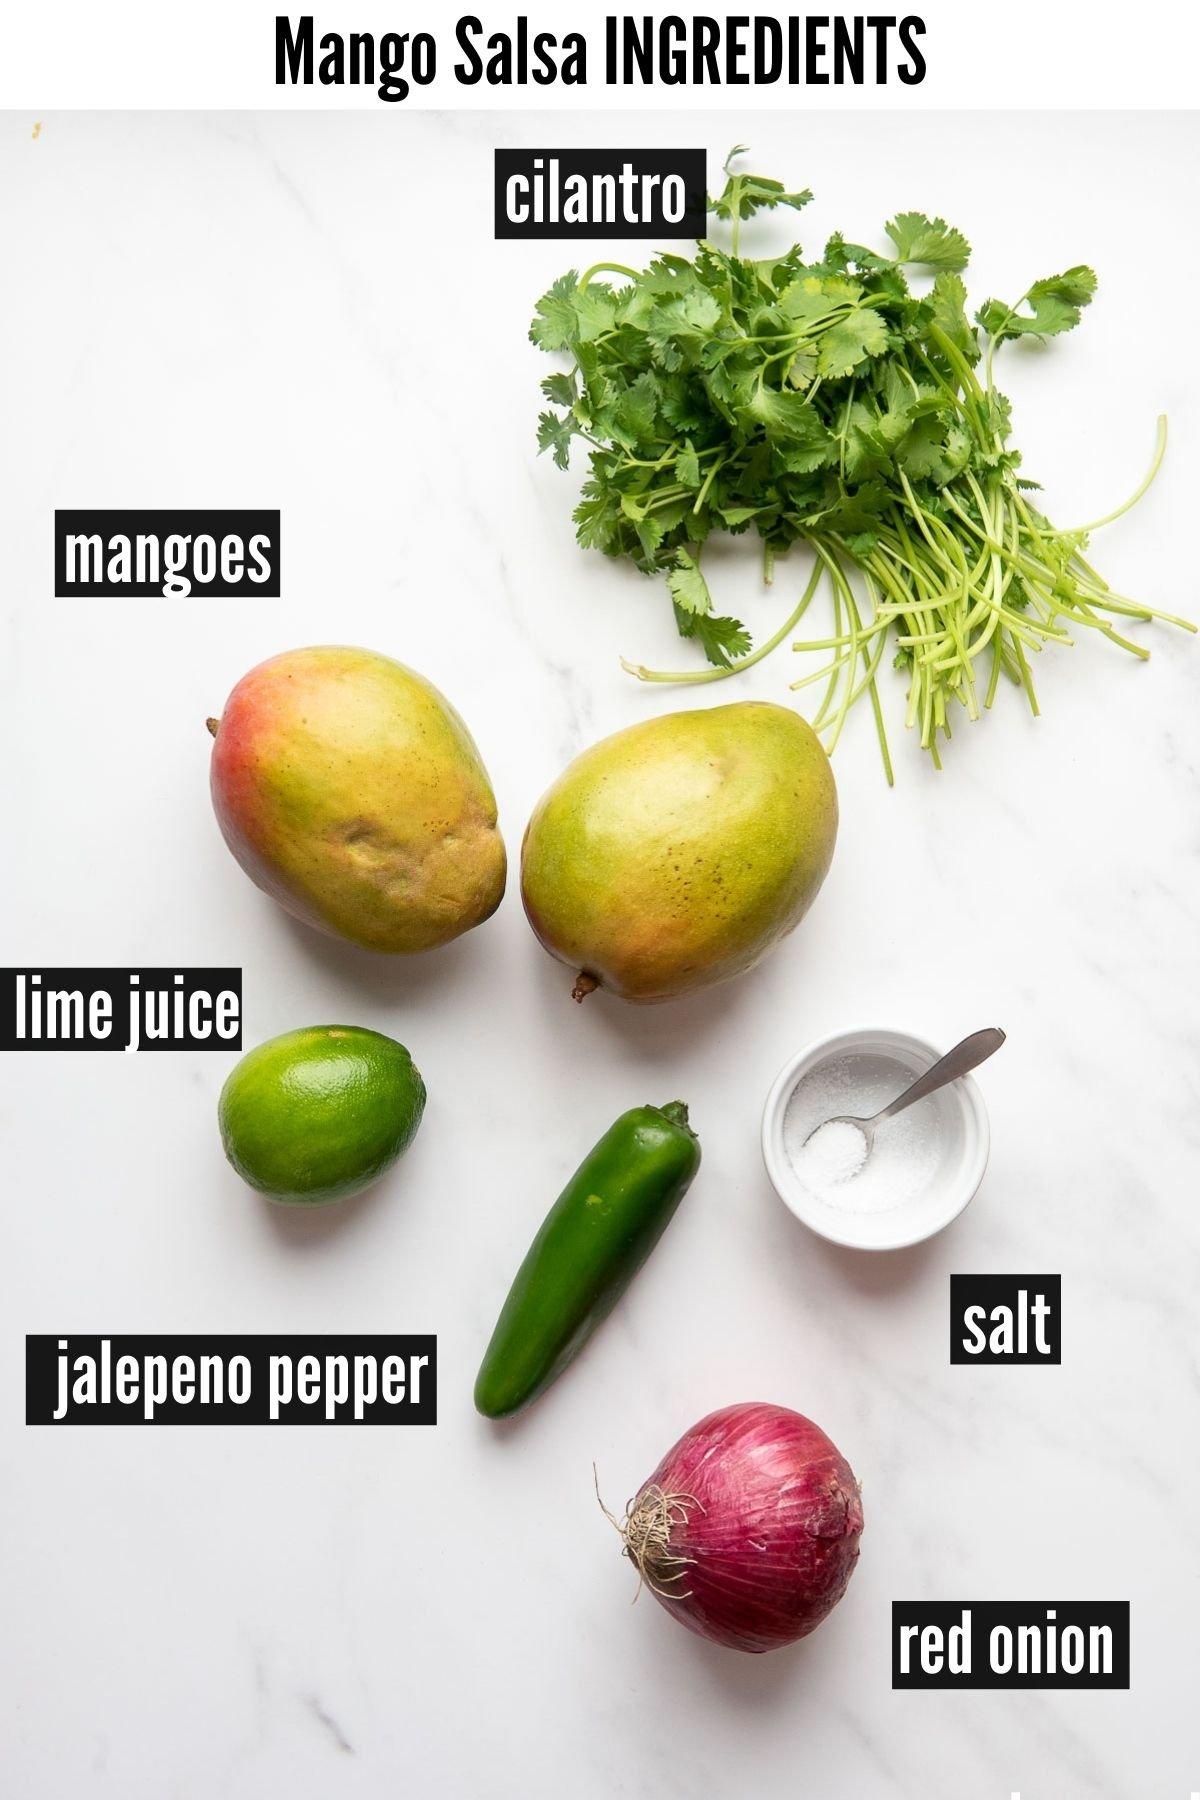 mango salsa ingredients image